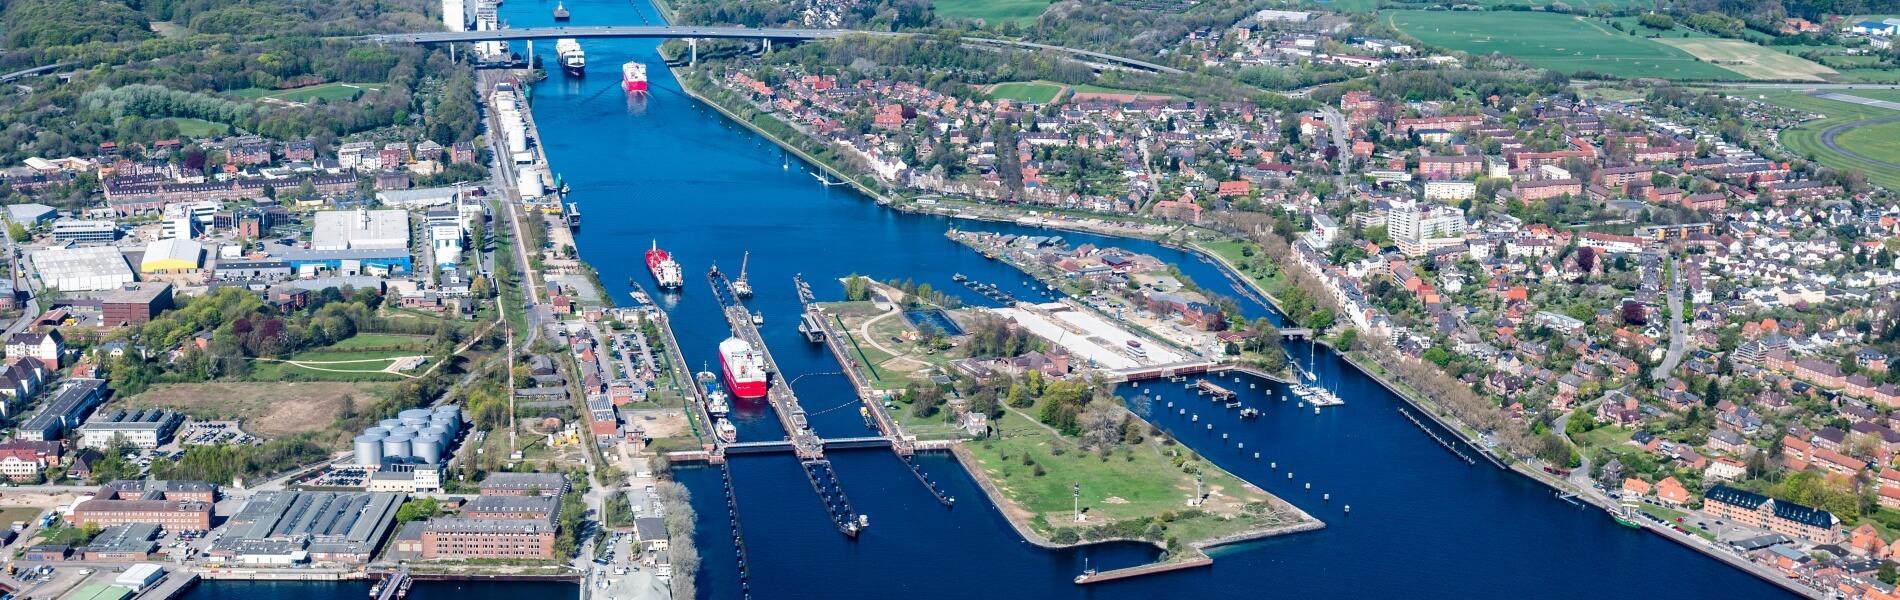 Der Nord-Ostsee-Kanal – die meistbefahrene künstliche Wasserstraße der Welt